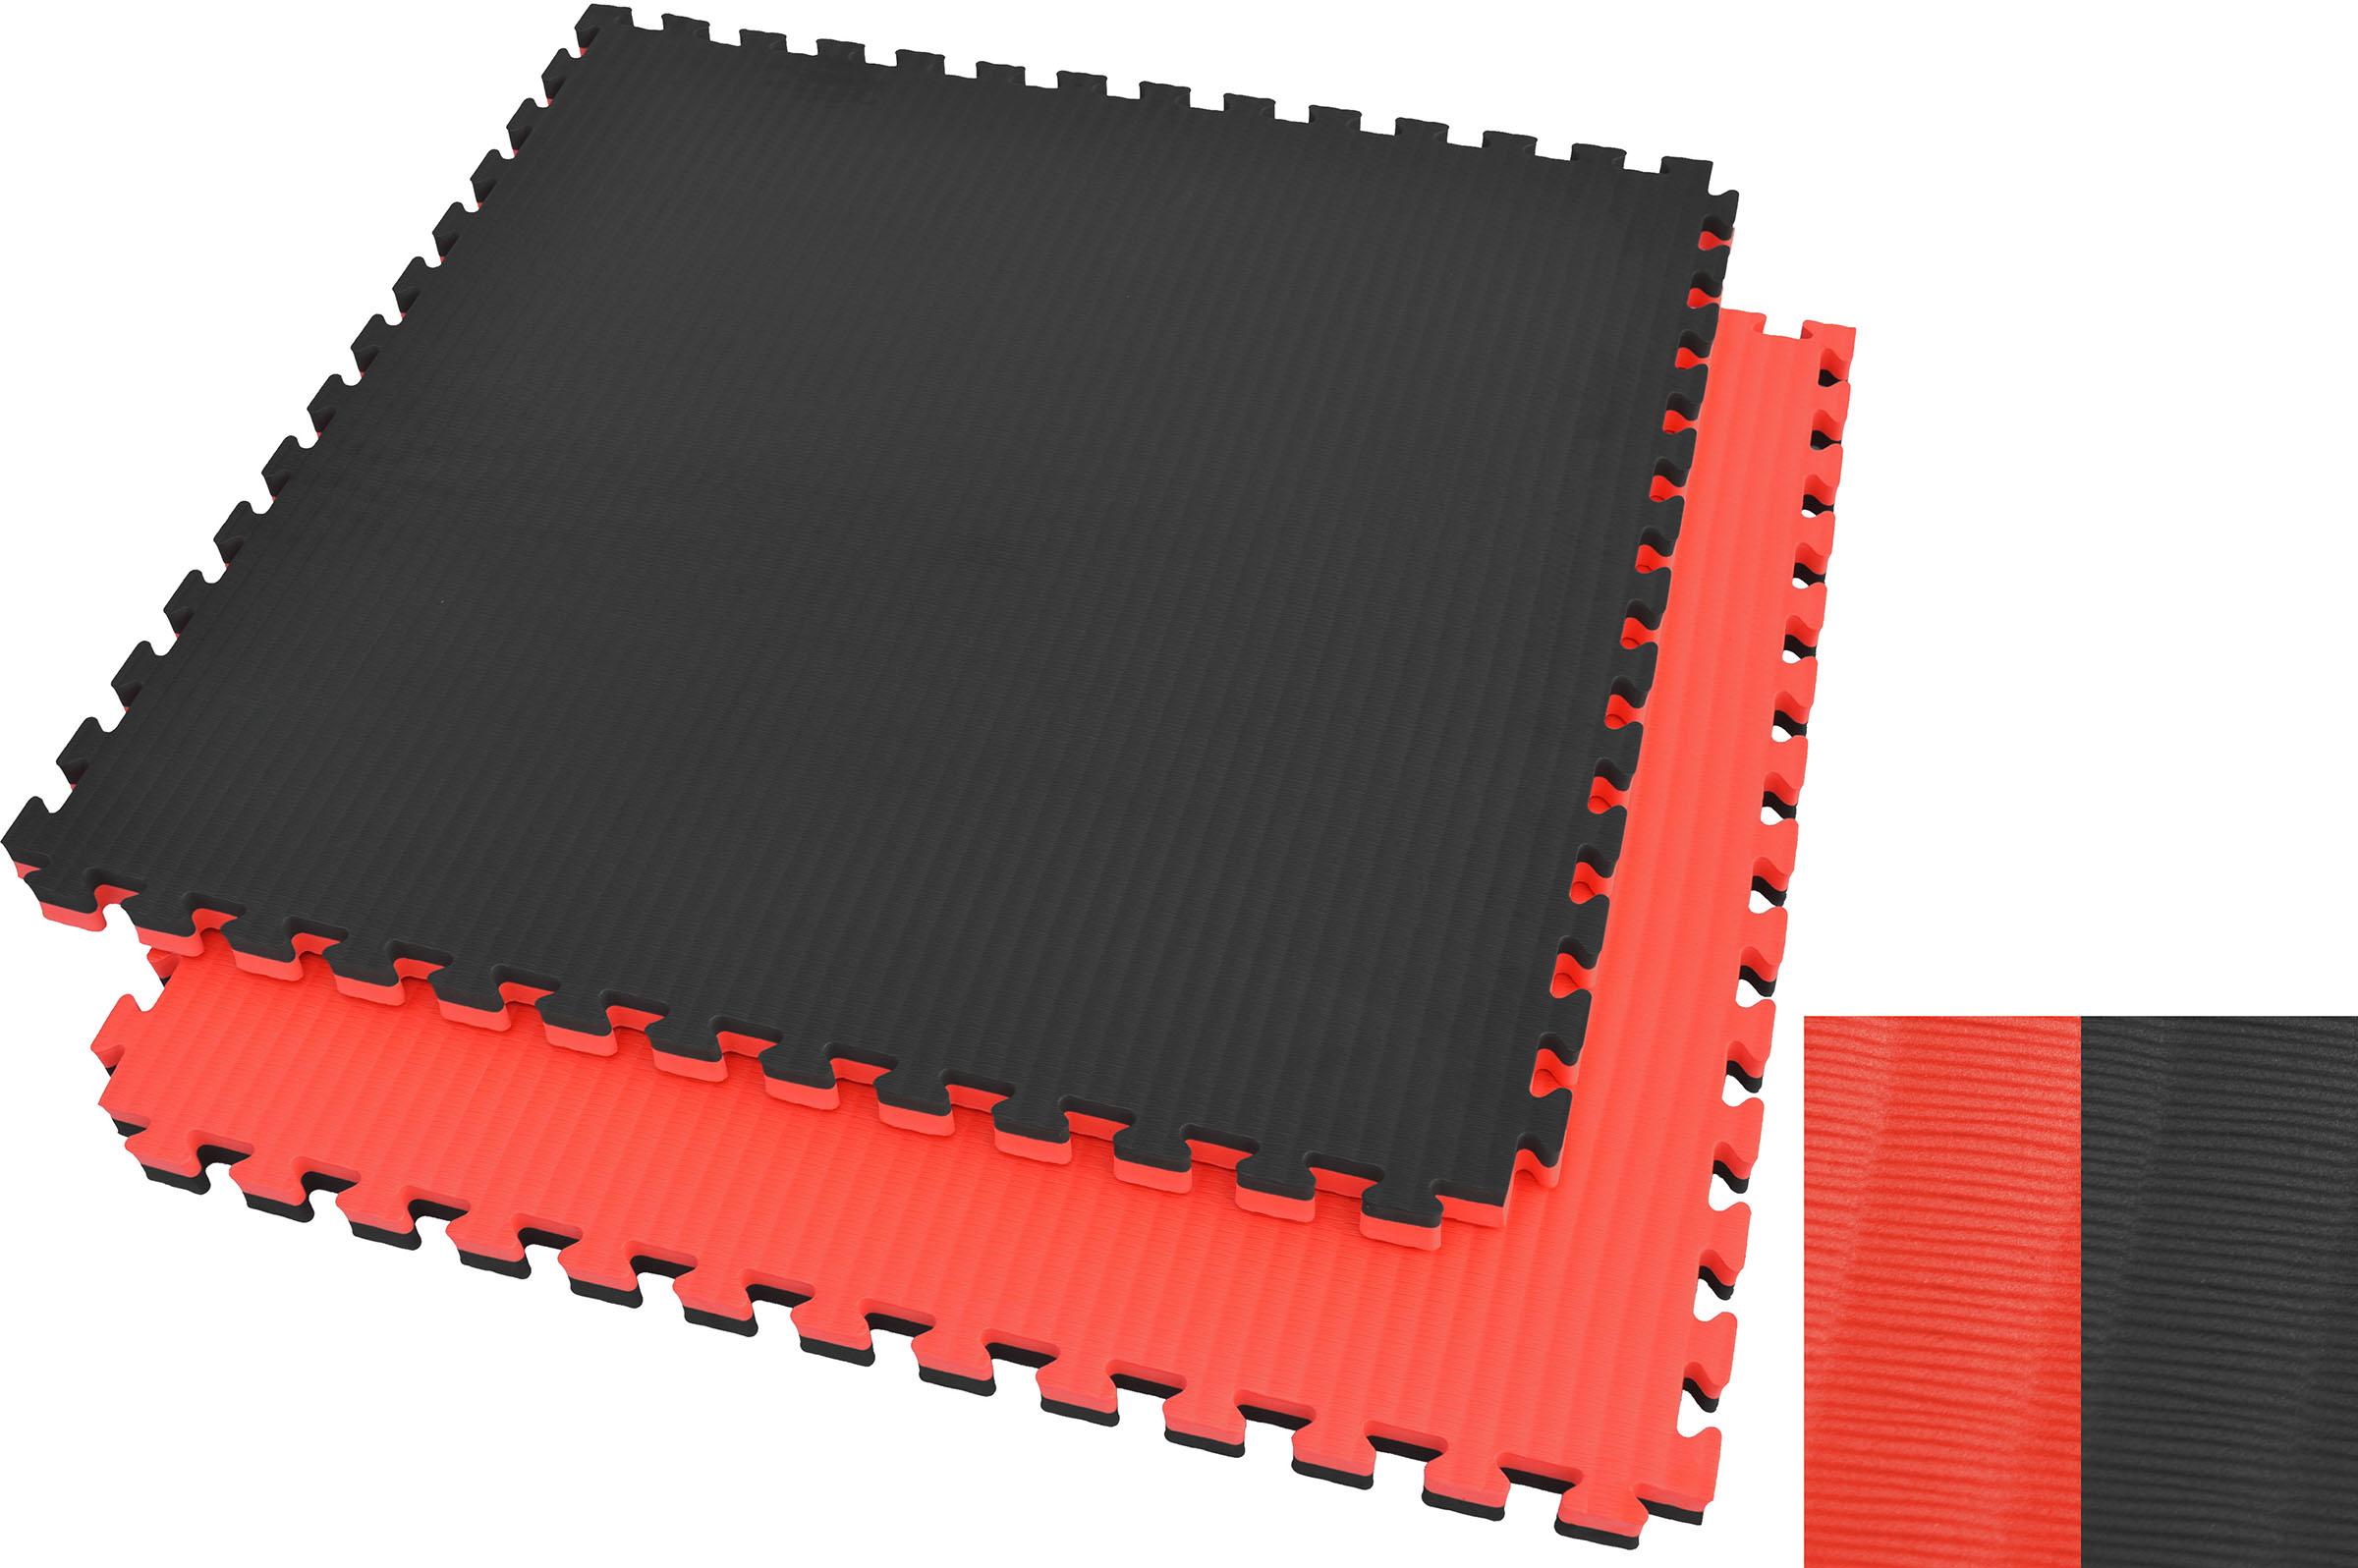 Travail au Sol Ninestars Motif Paille de Riz Noir//Rouge Tatami Puzzle 4 cm